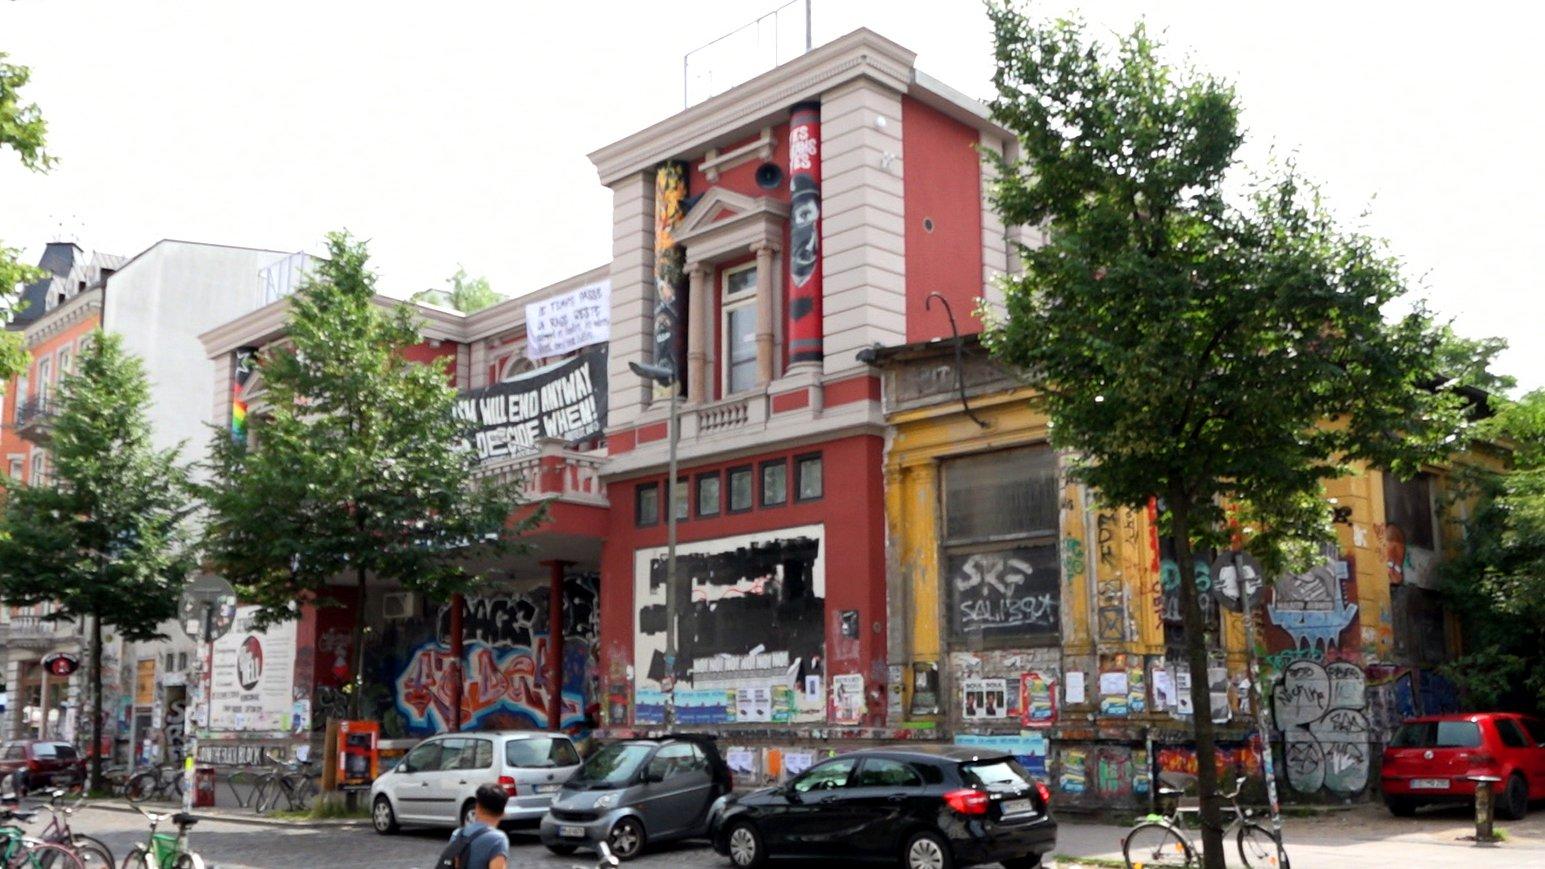 Nach G20-Protesten: Sollte die Rote Flora geschlossen werden?